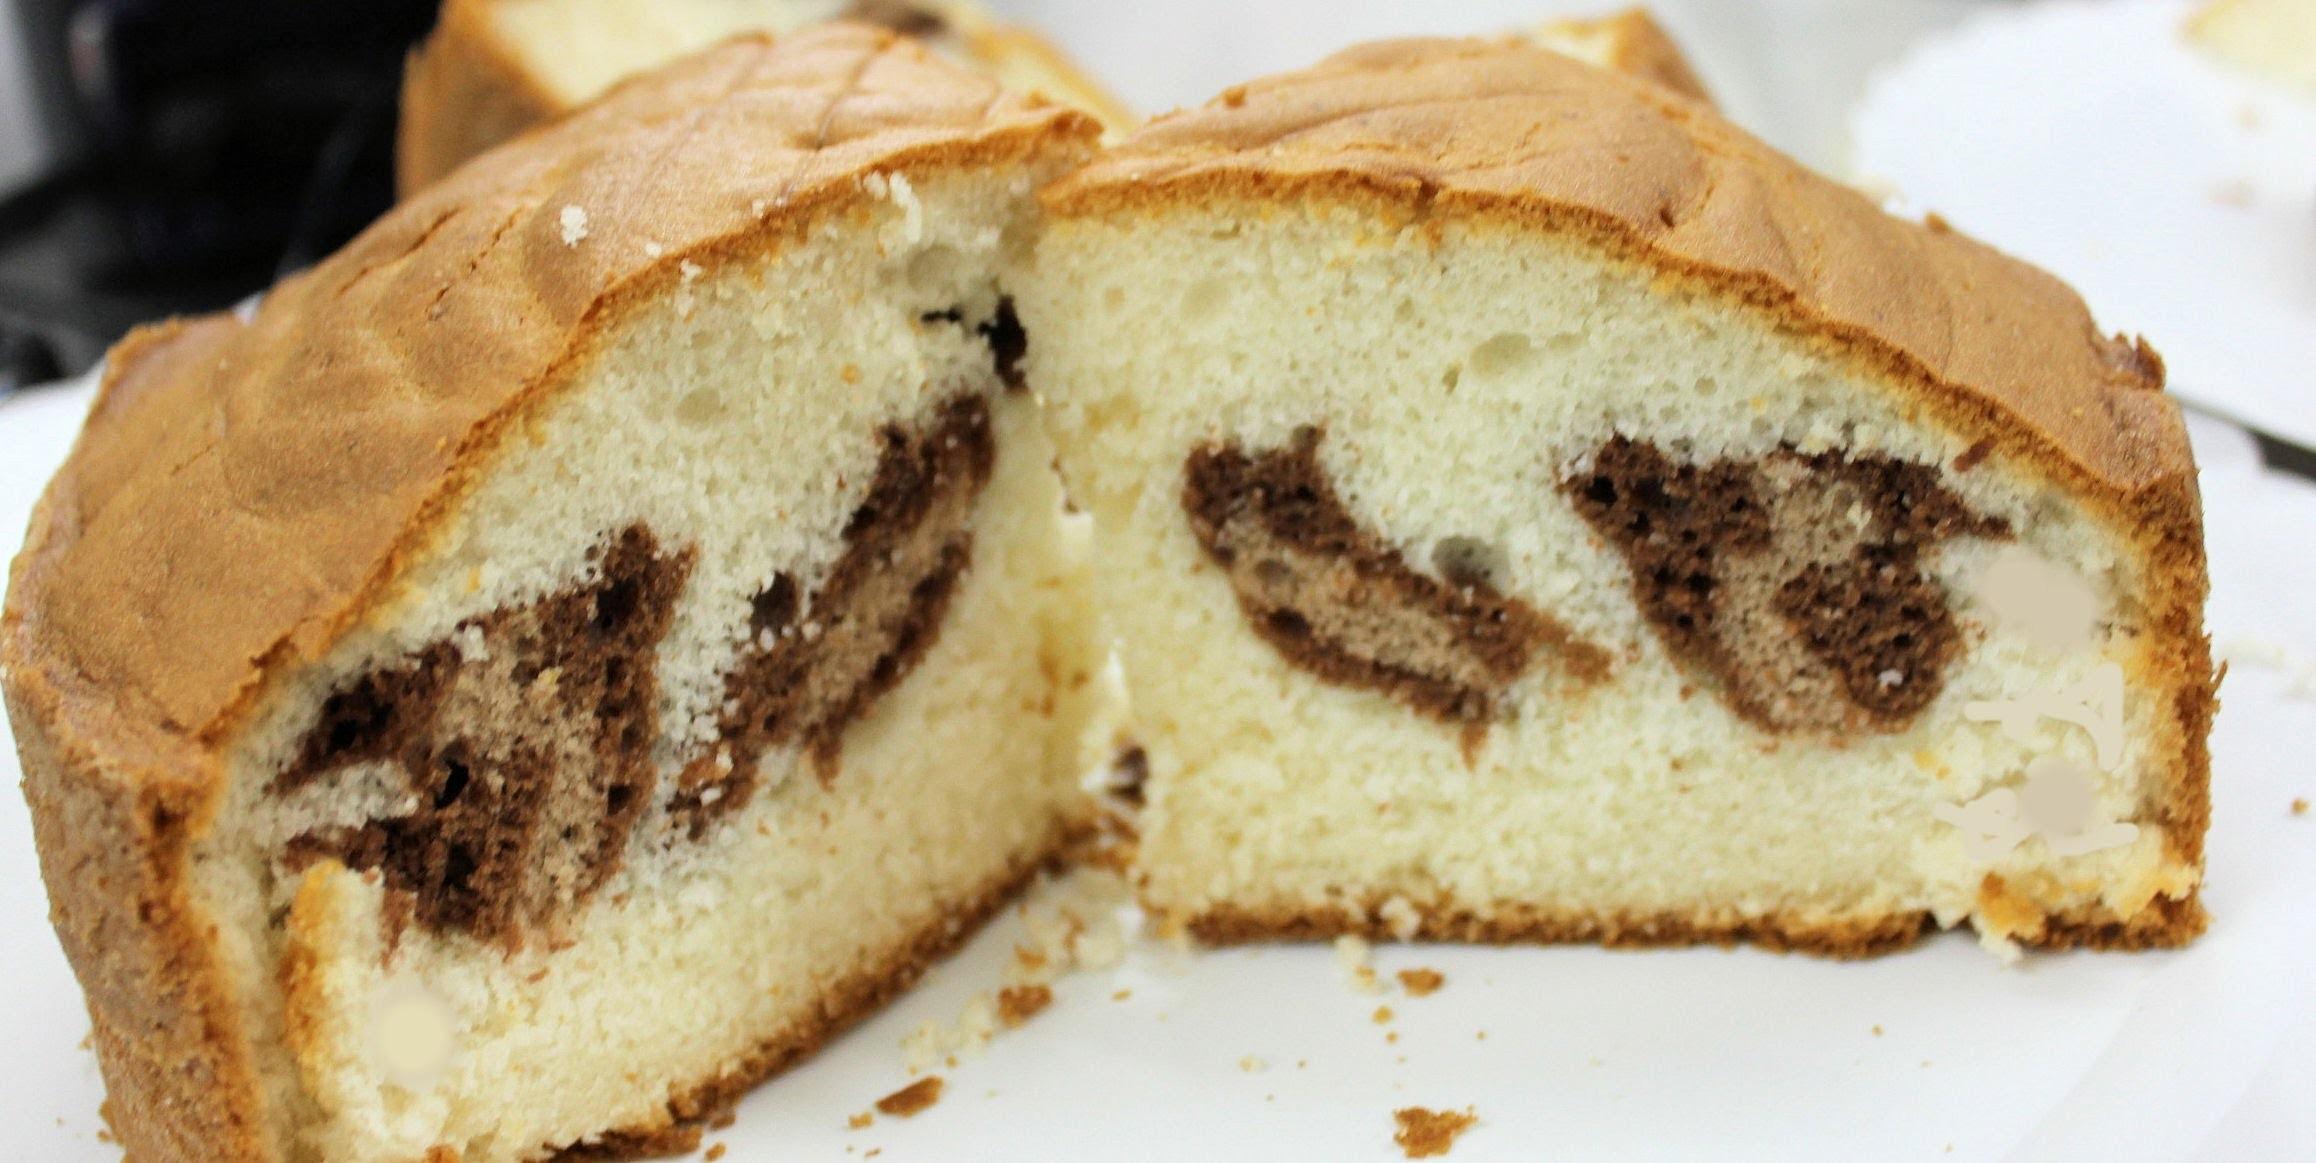 Bizcocho de leopardo. Leopard sponge cake